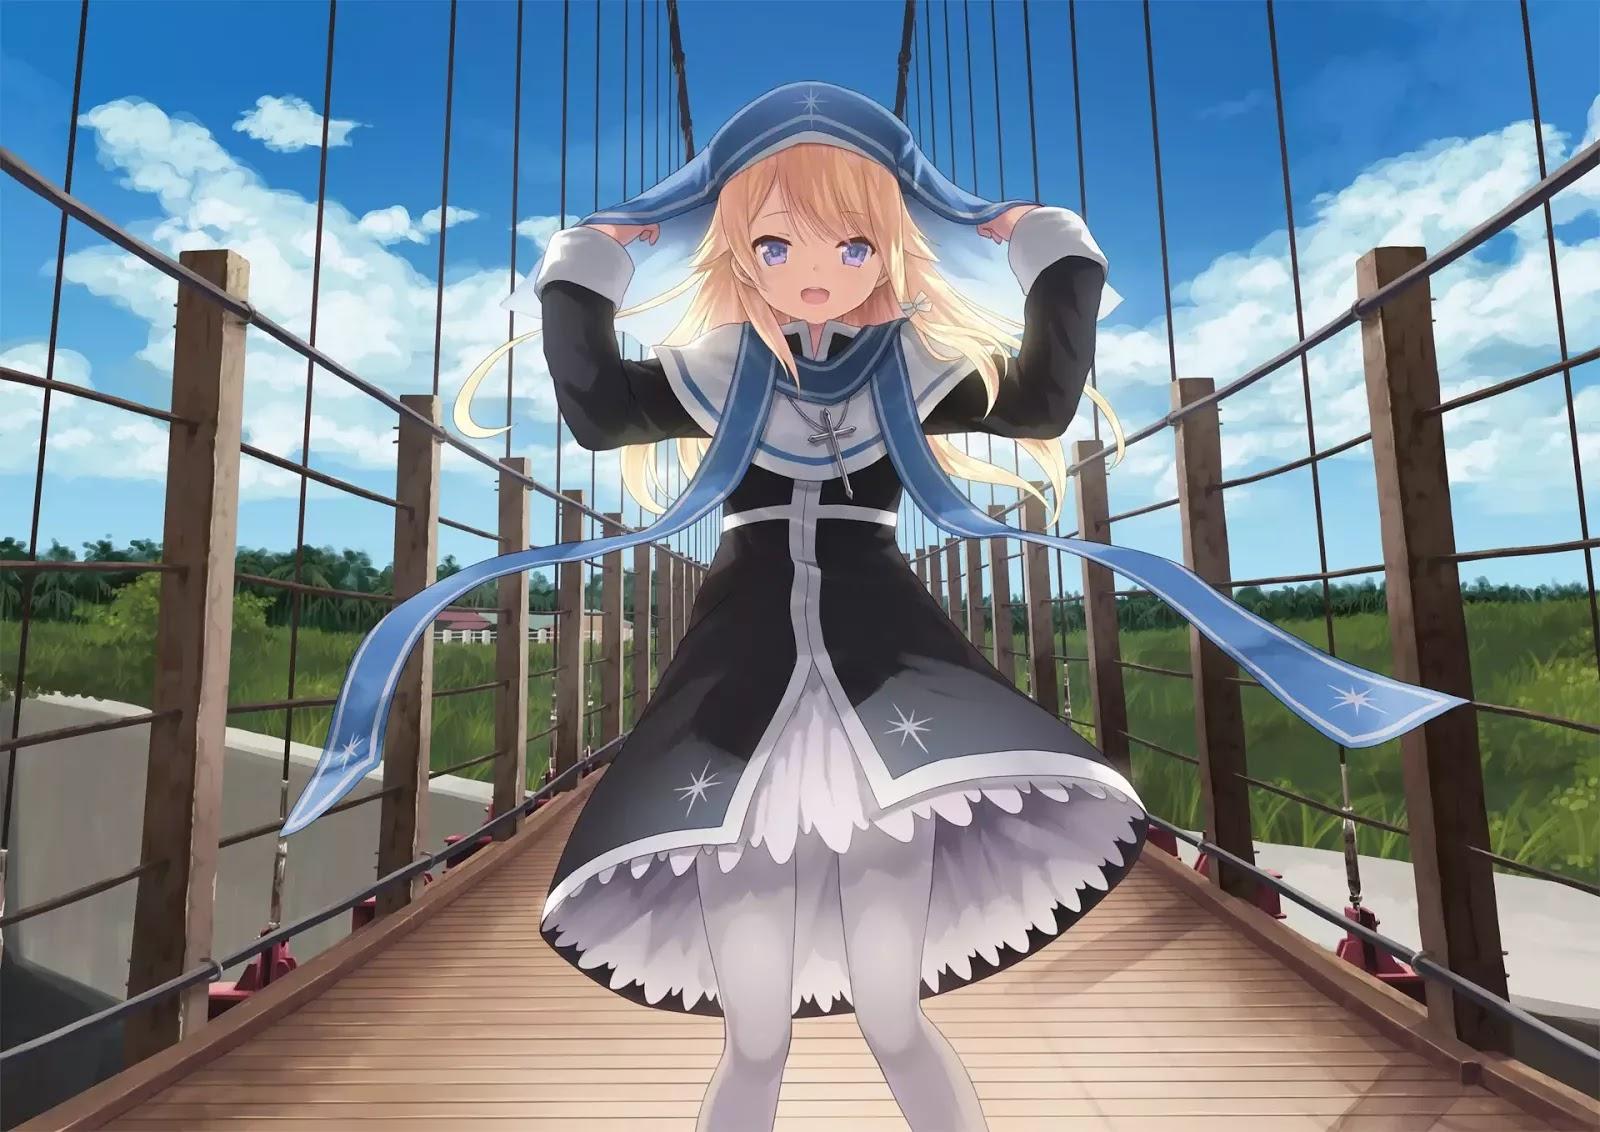 AowVN%2B%252860%2529 - [ Hình Nền ] Loli cực đẹp , cực độc Full HD | Anime Wallpaper